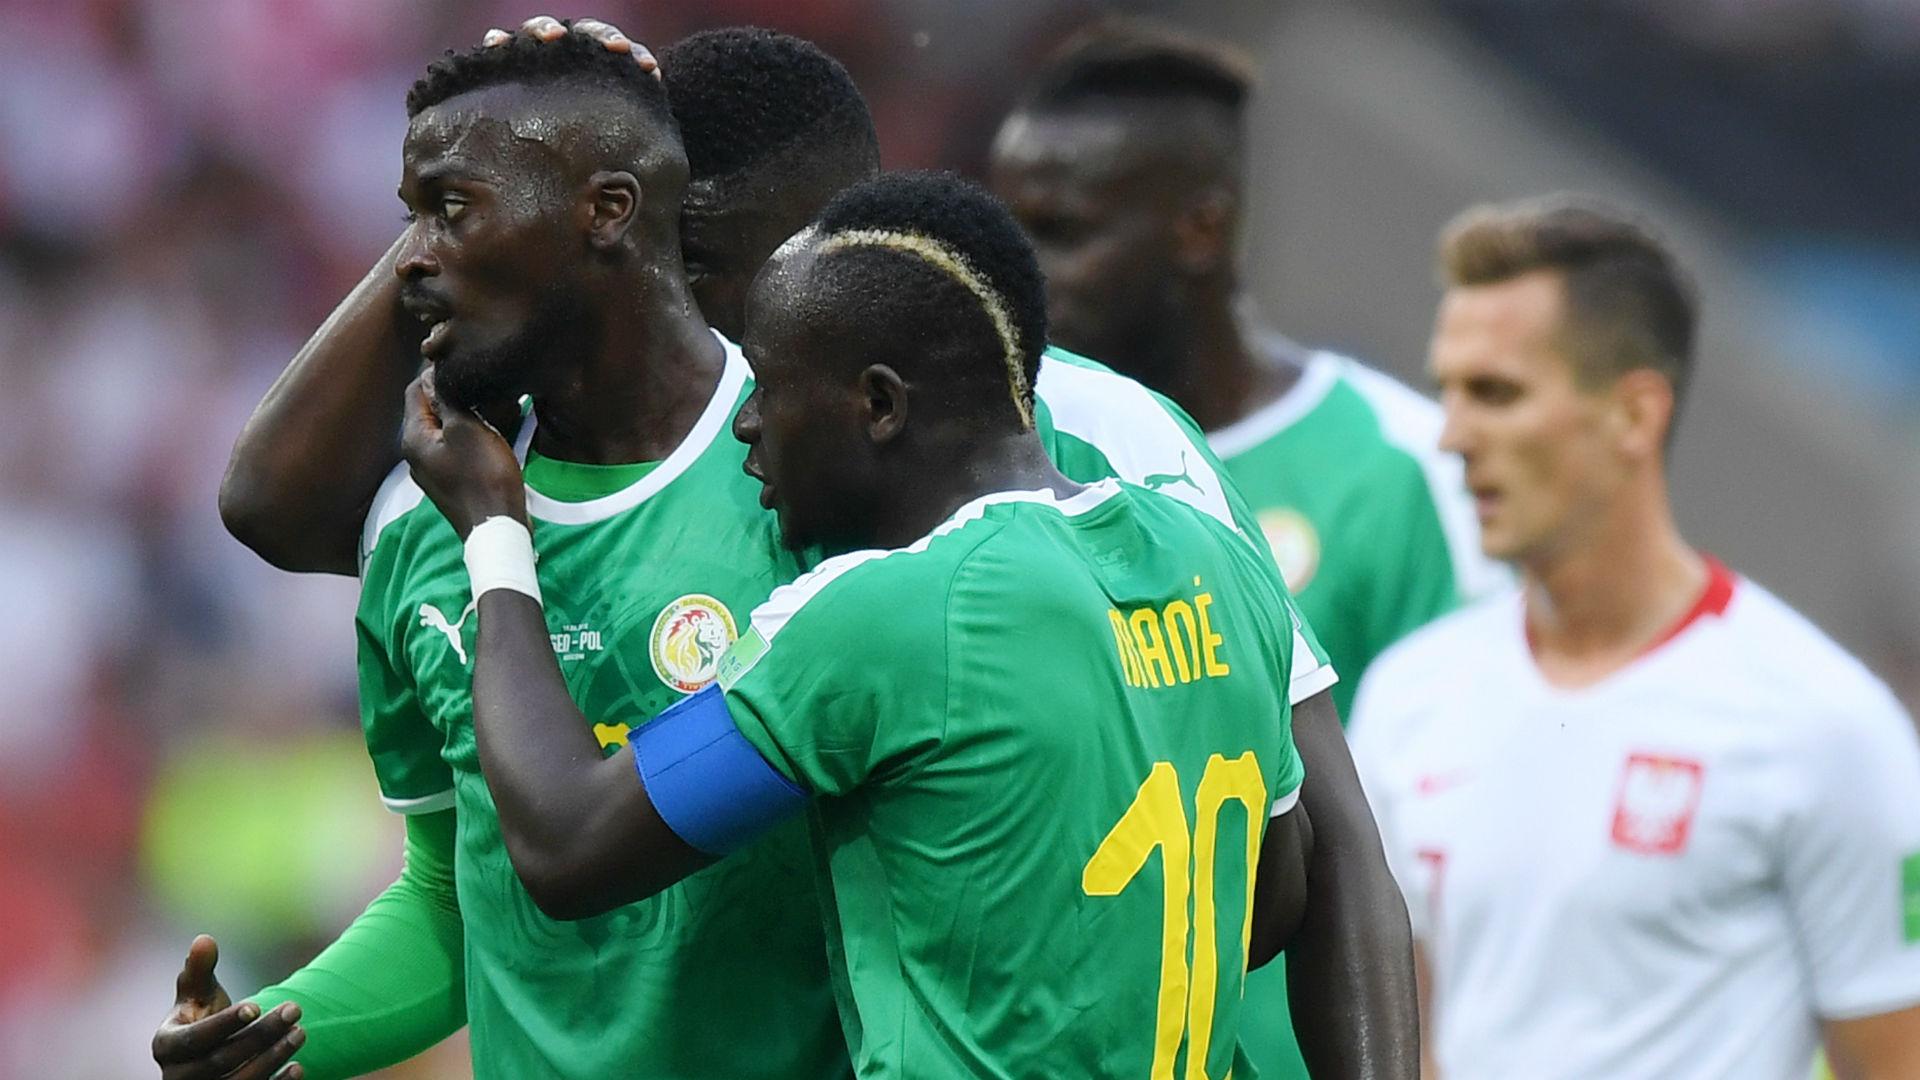 अफ्रिकी टोलीको पहिलो जीत, सेनेगलले पोल्याण्डलाई हरायो